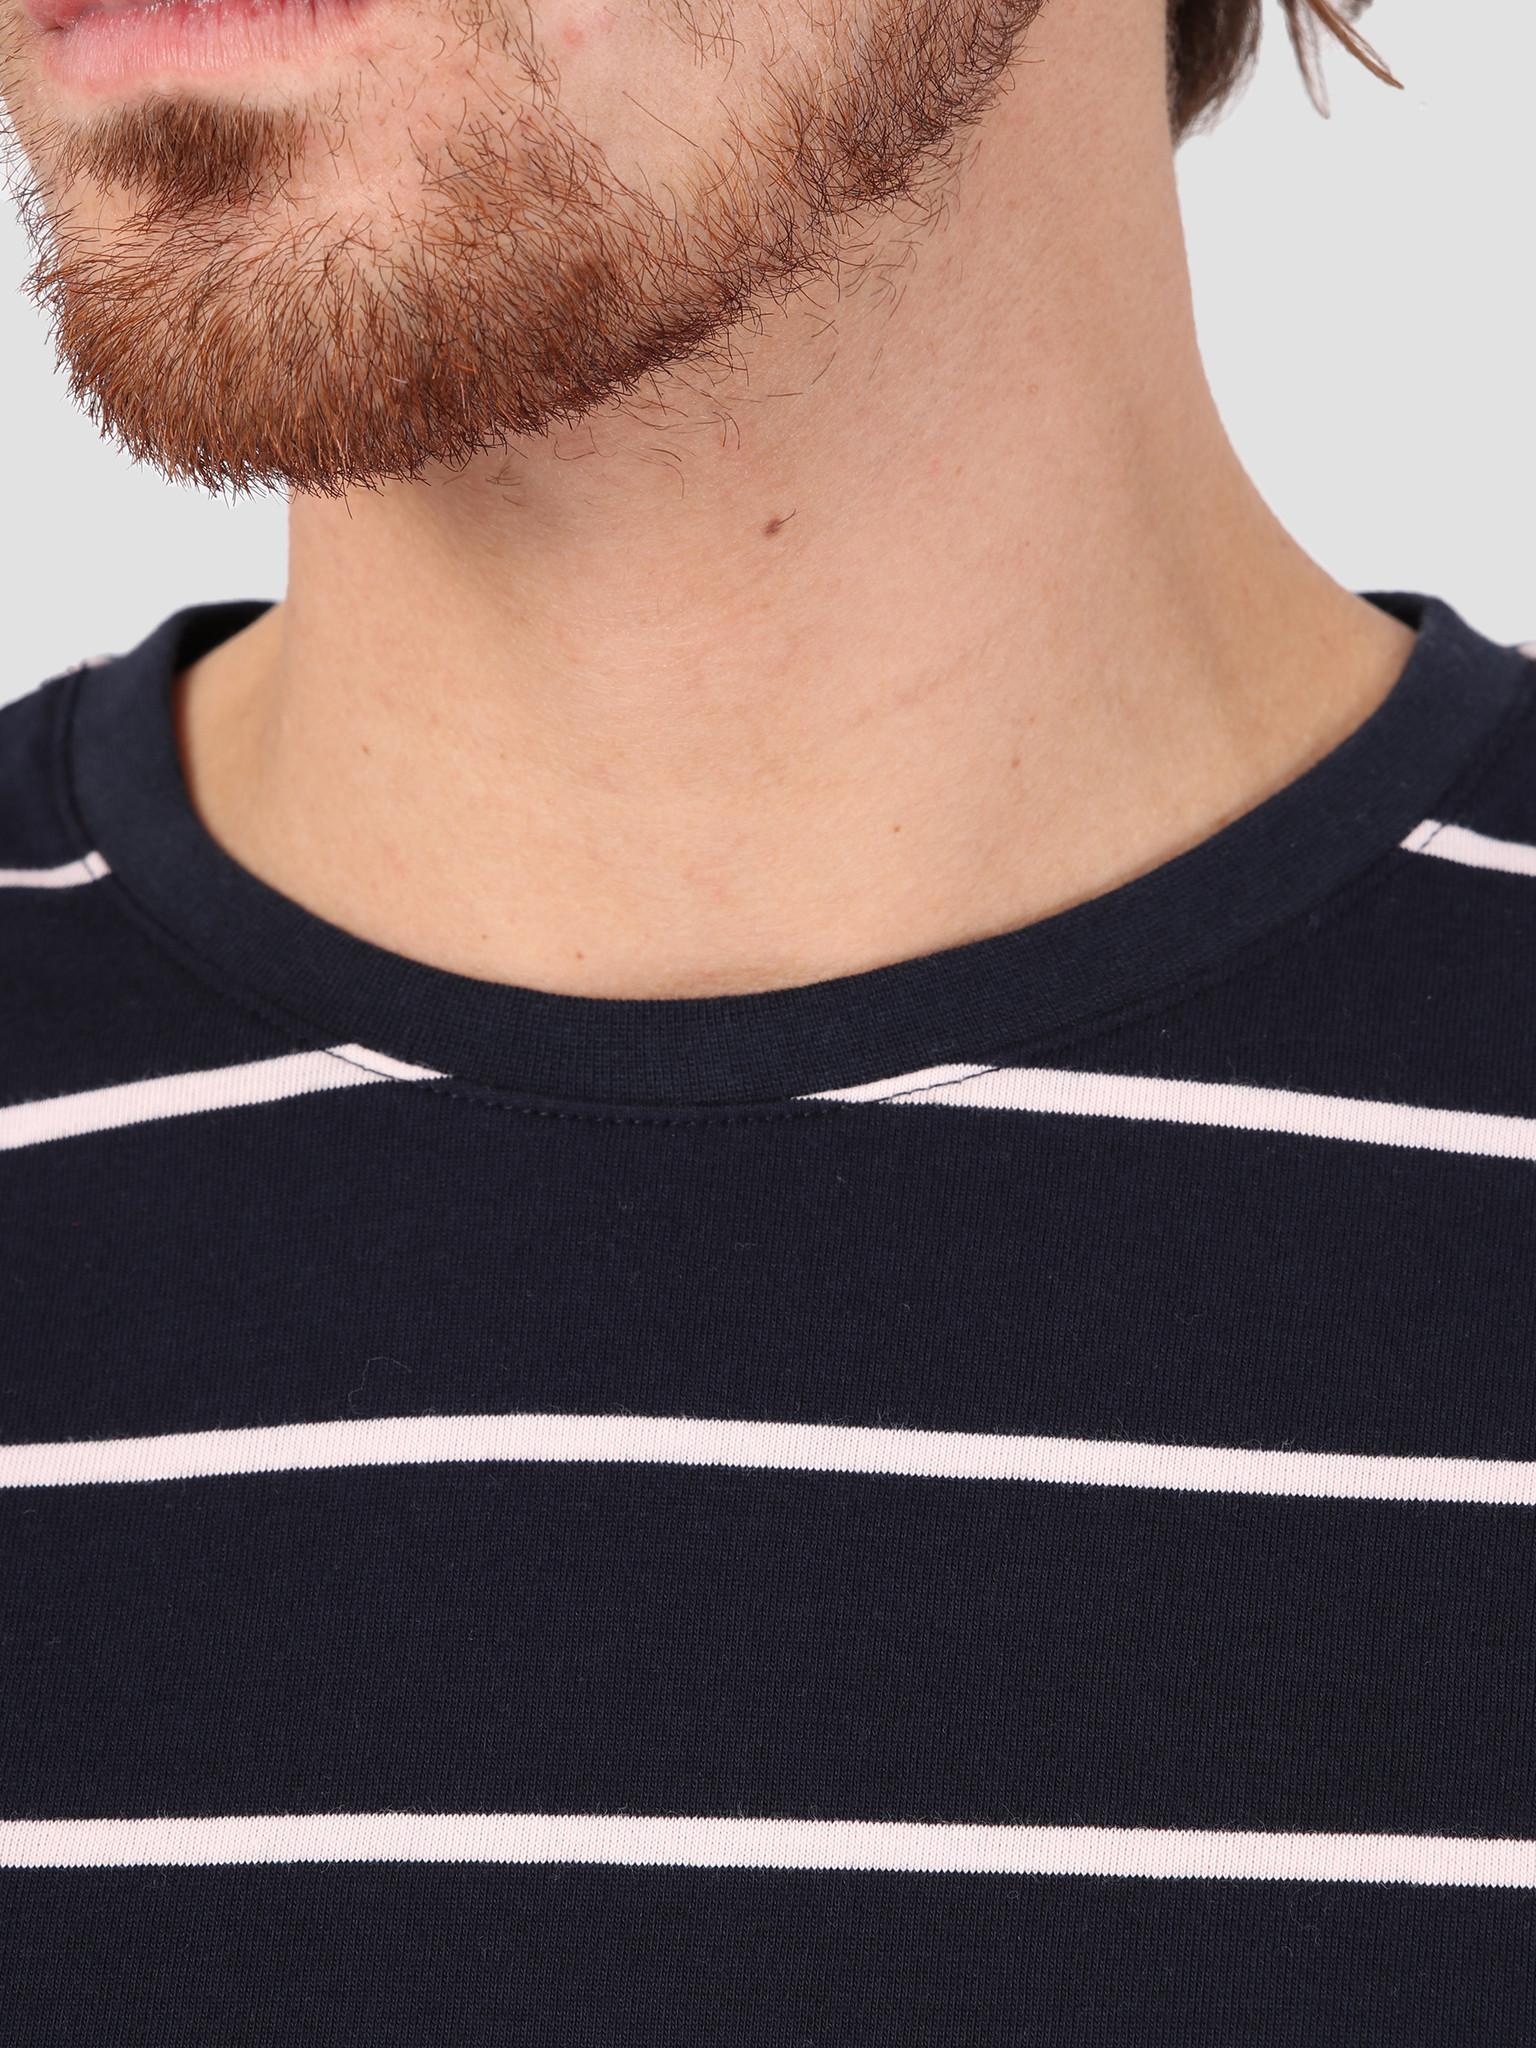 Les Deux Les Deux Betrois Longsleeve T-Shirt Dark Navy Rose LDM110006